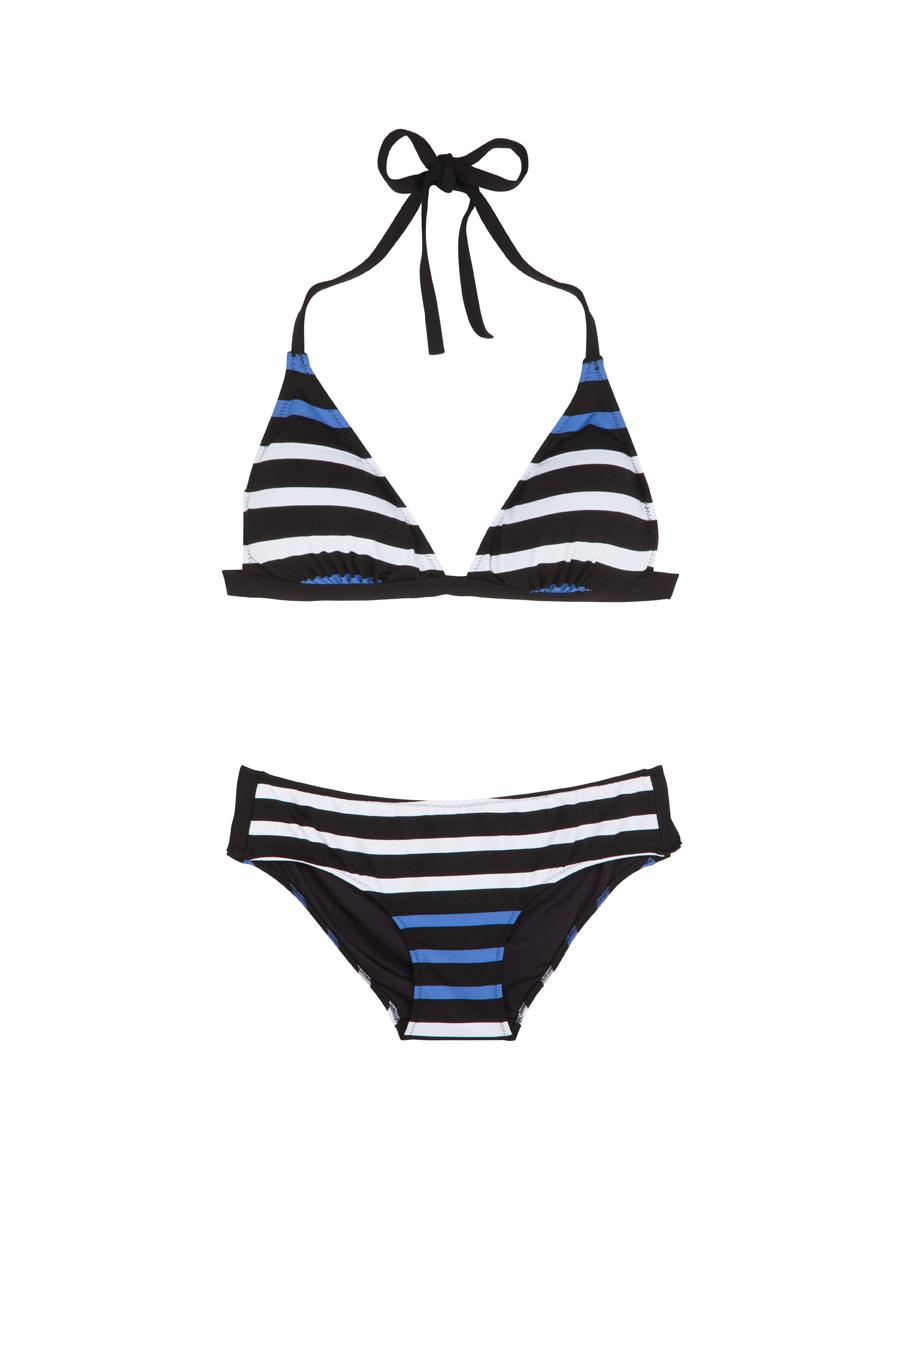 Que Lleva Un Set De Baño:clavesdemujer, salud, belleza, bienestar: Moda de baño o 'swimwear